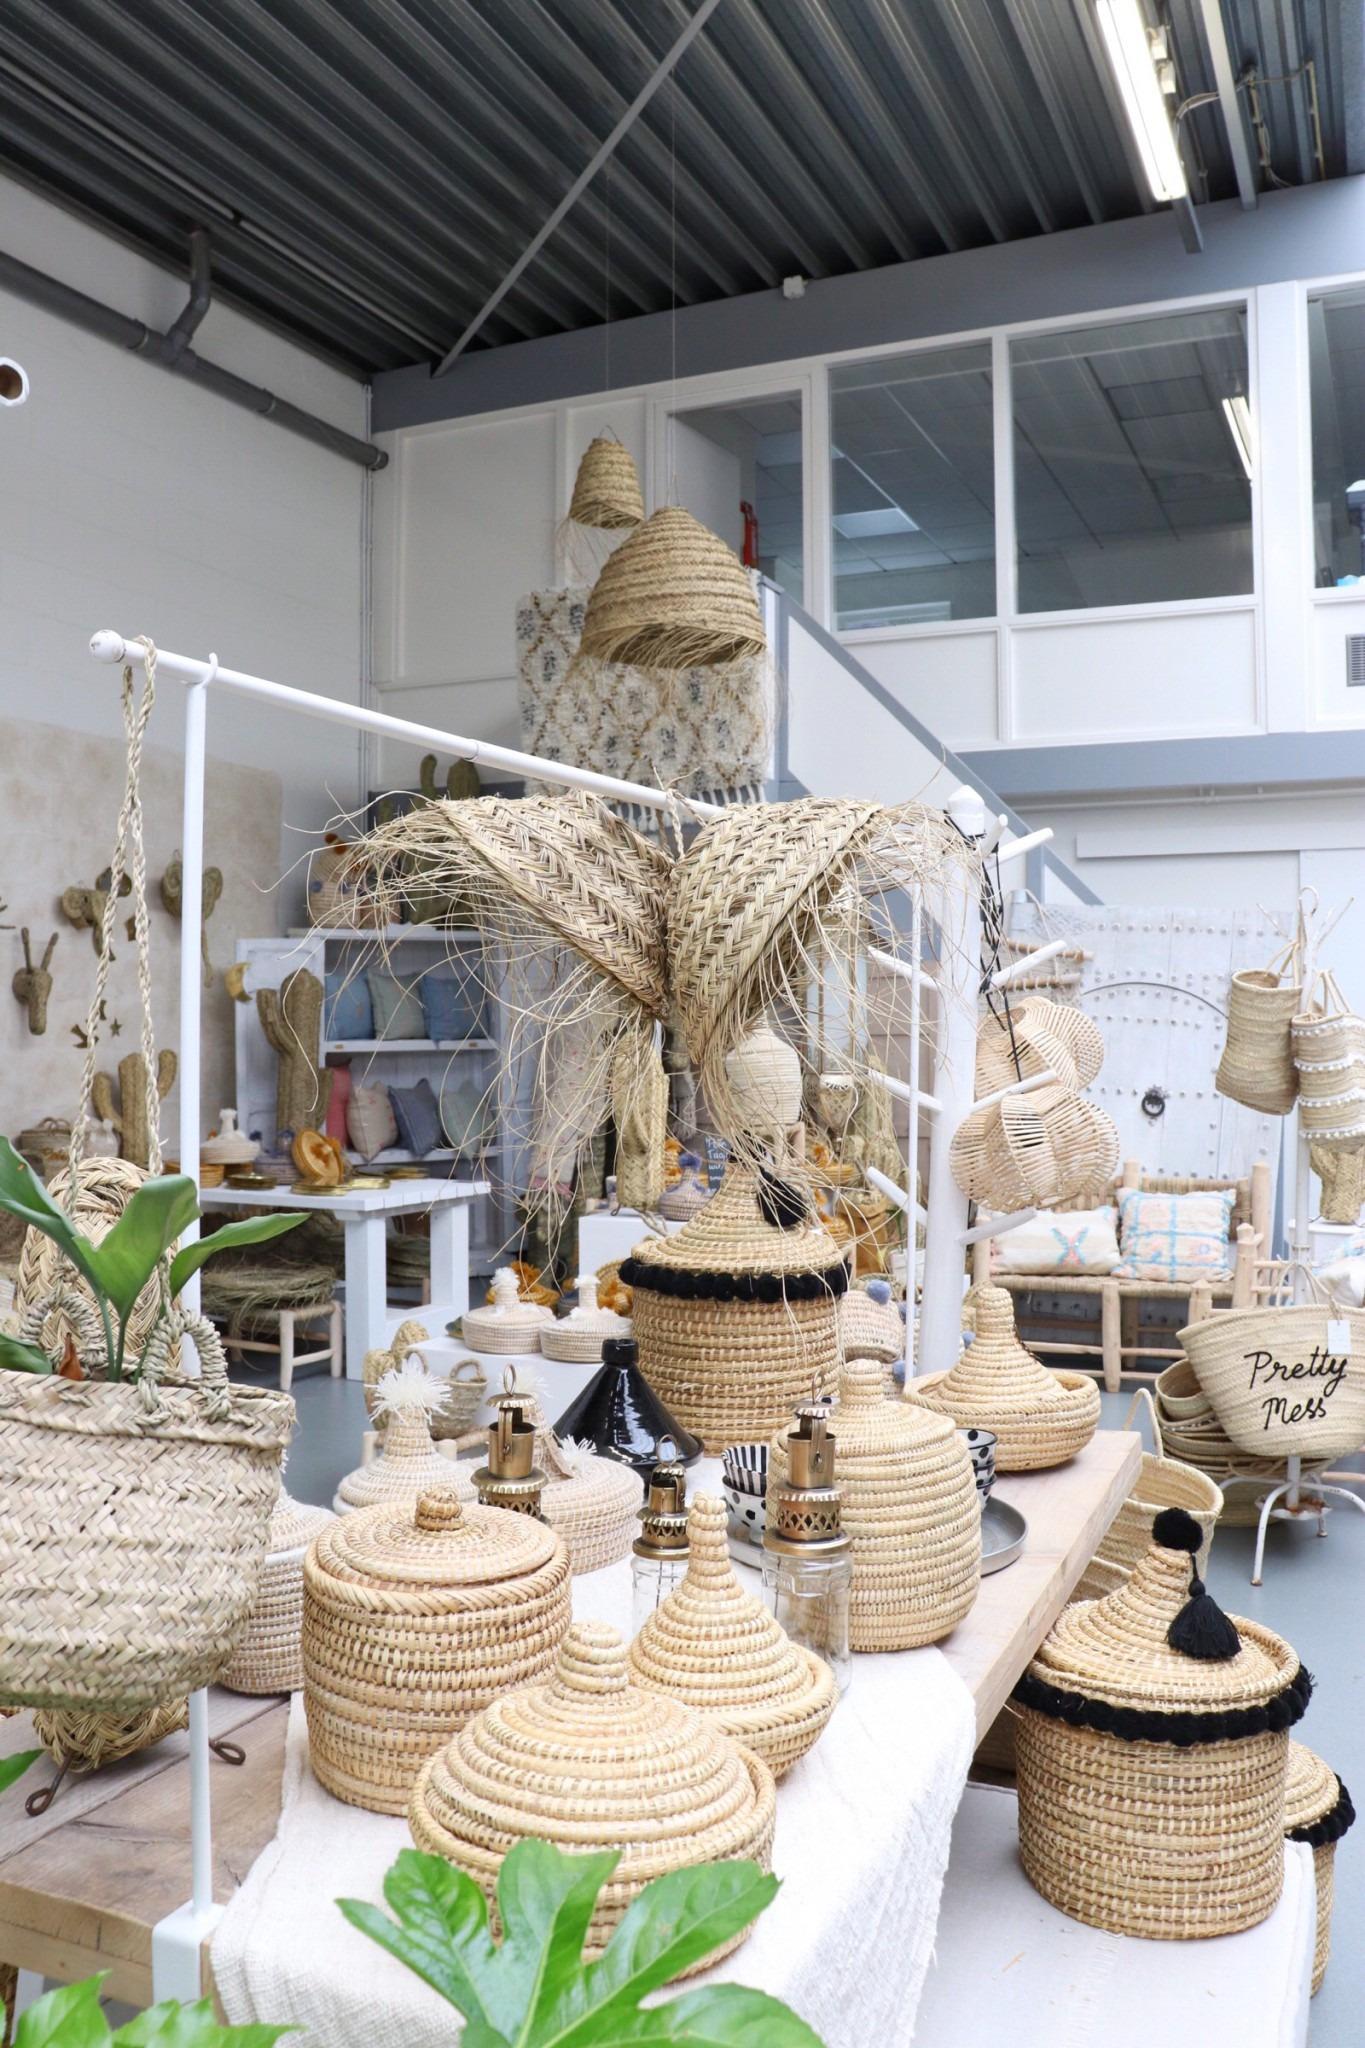 Marokkaanse handgemaakte items in deze hotspot